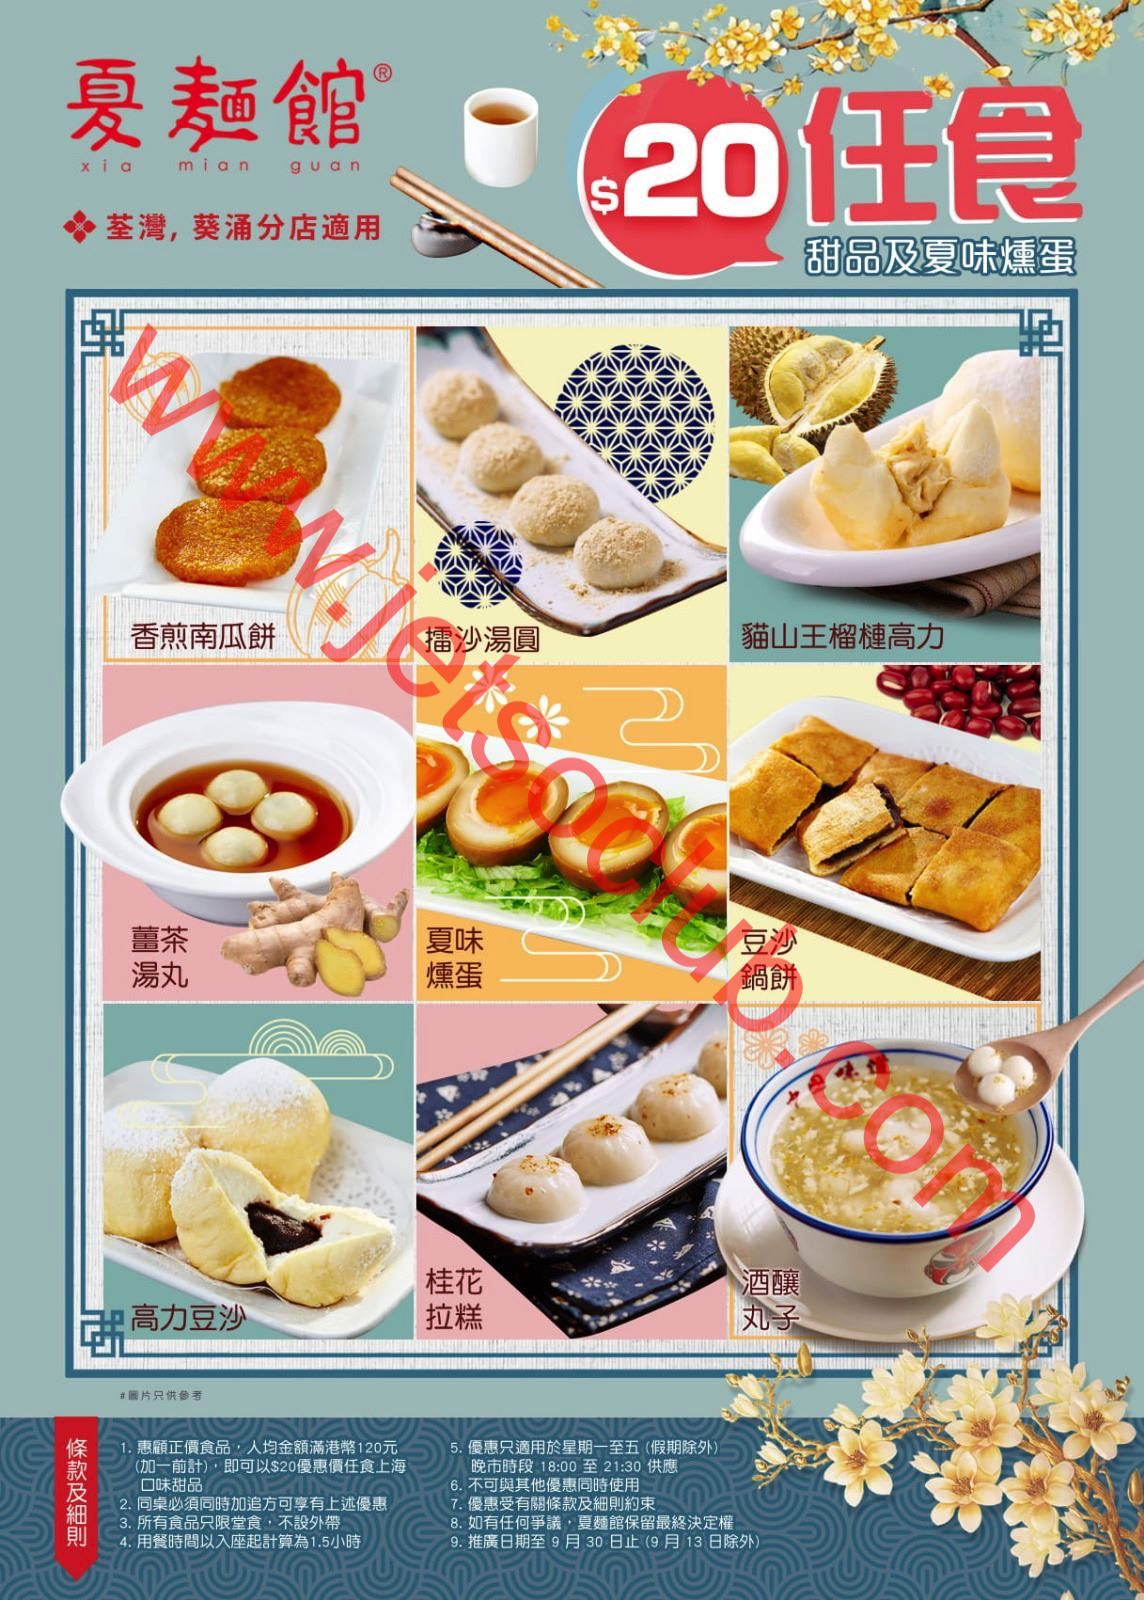 夏麵館:荃灣/葵涌店 +$20任食滬式甜品(至30/9) ( Jetso Club 著數俱樂部 )